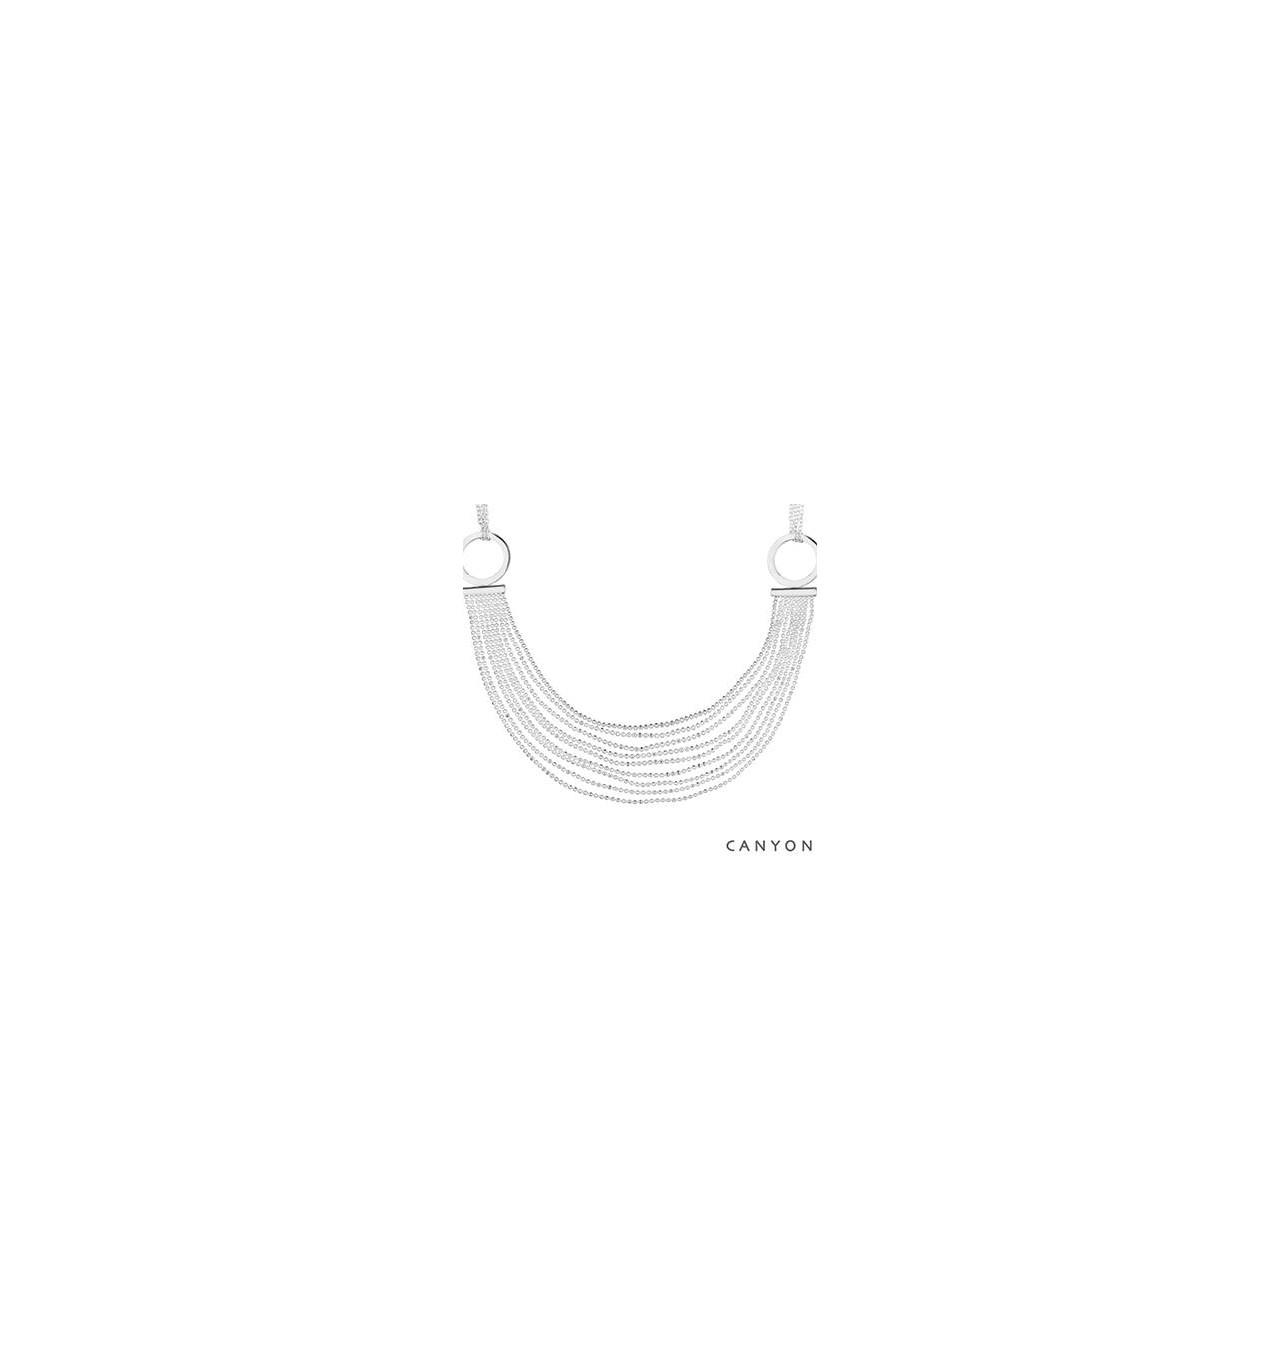 Collier multi chaines-CANYON en argent 925/1000 CANYON-E-Shop bijoux-totem.fr